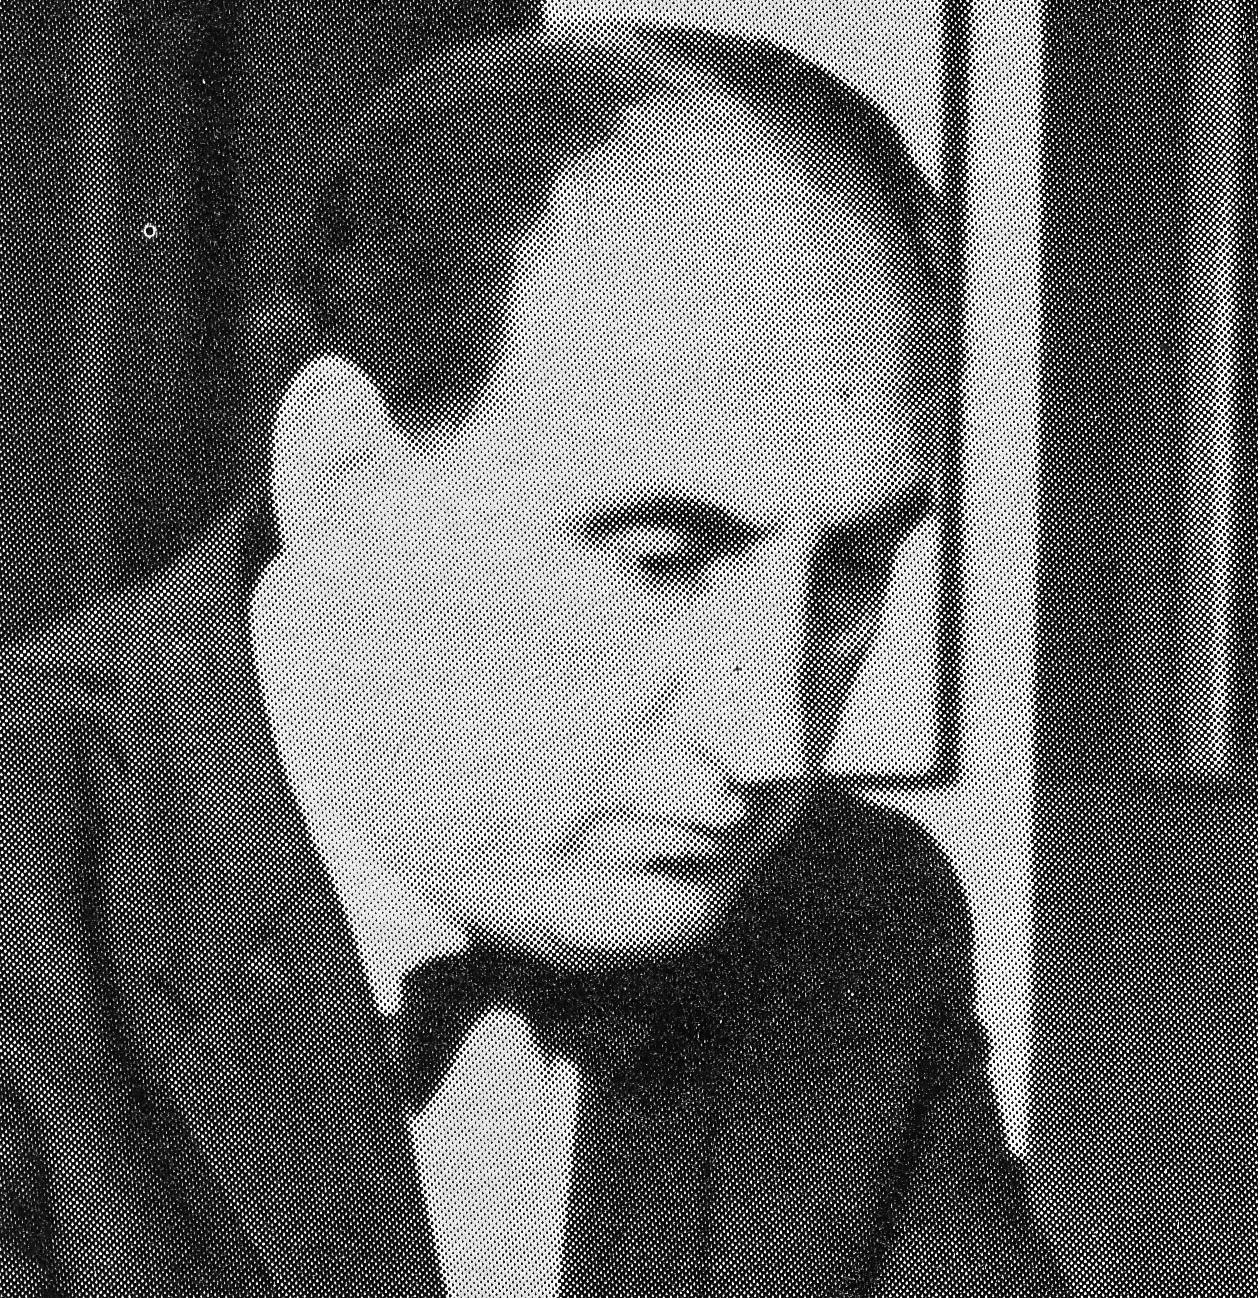 IMC James Adams (04-ix-1921 27-vii-2013)